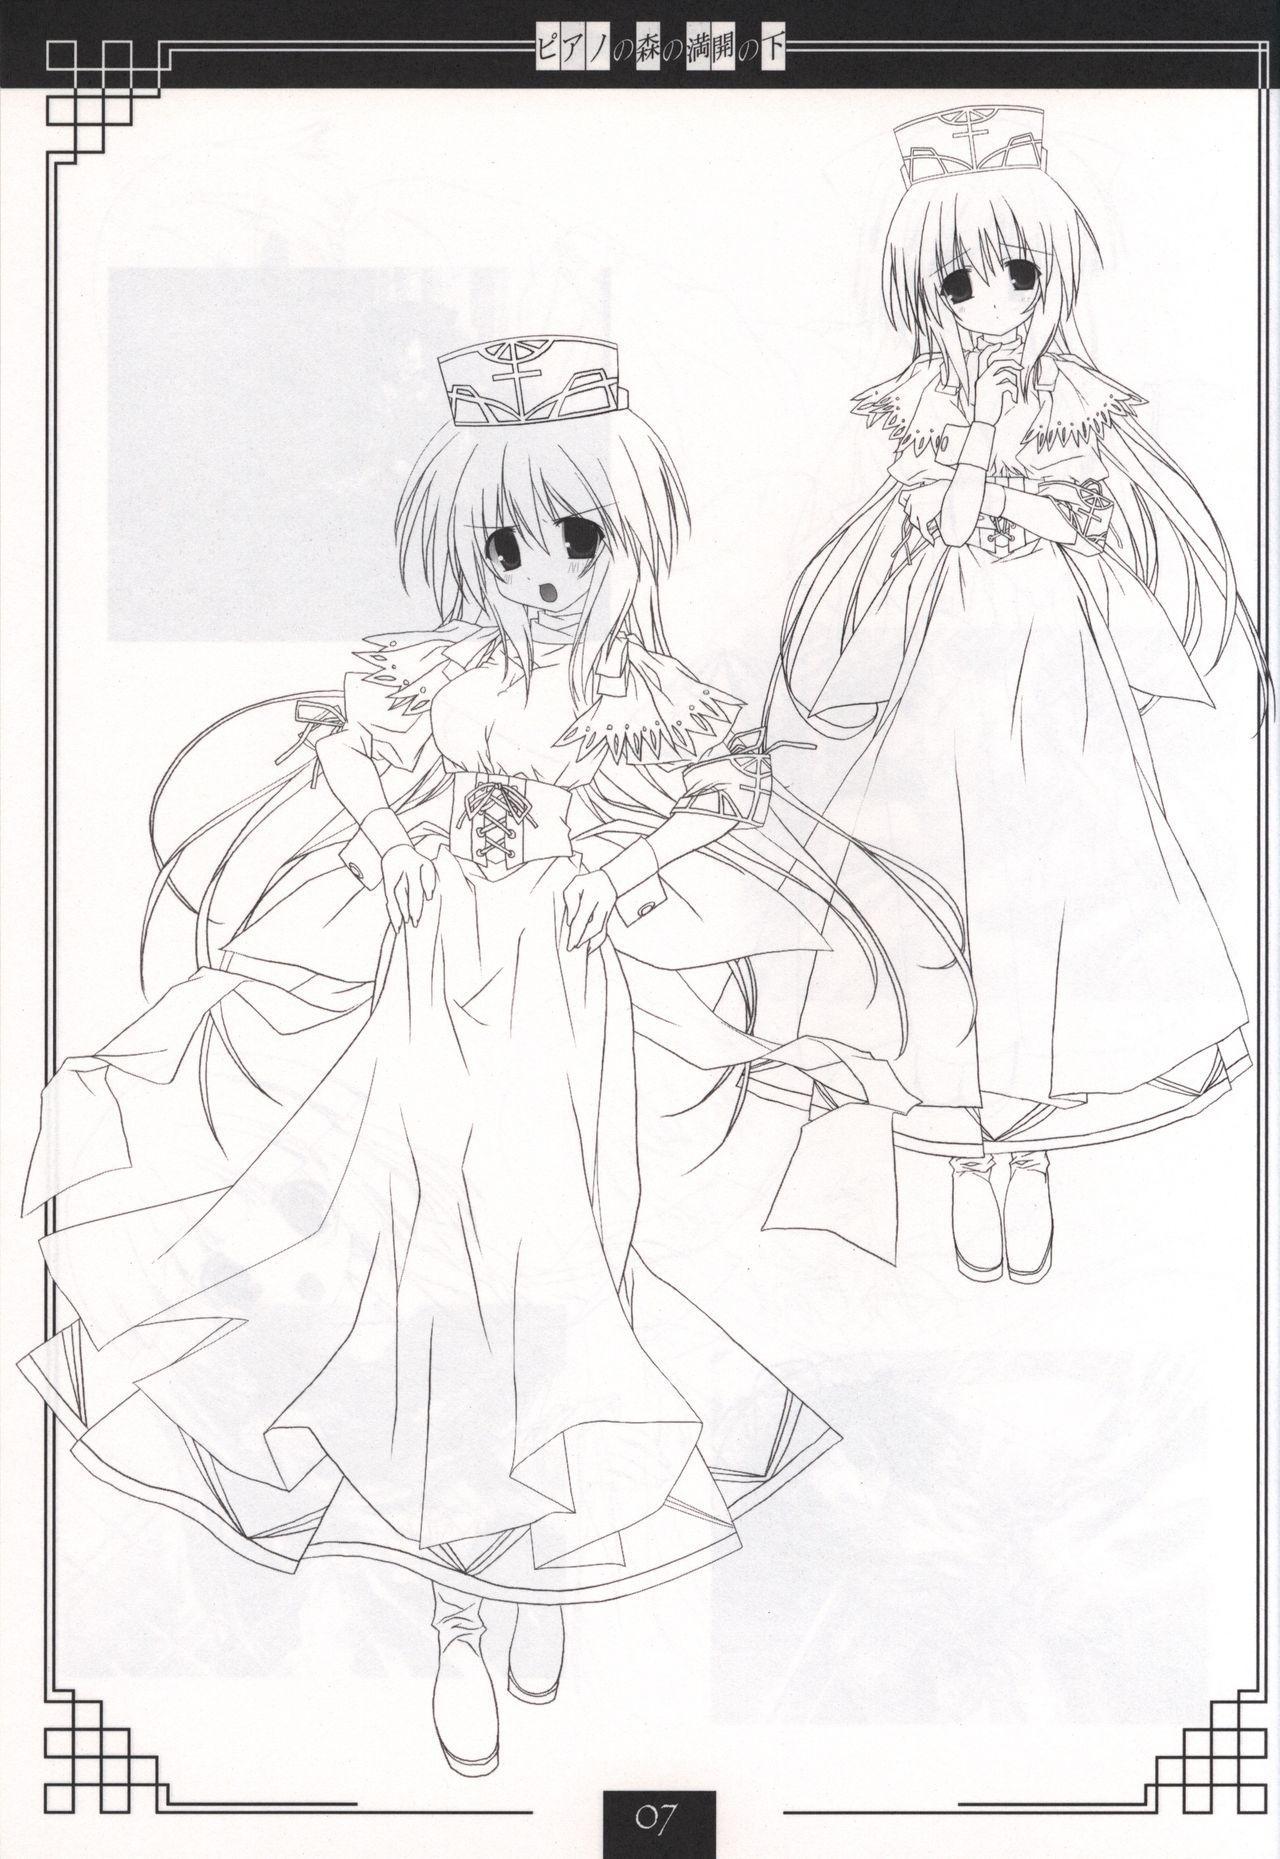 Piano no Mori no Mankai no Shita illustration art book 5